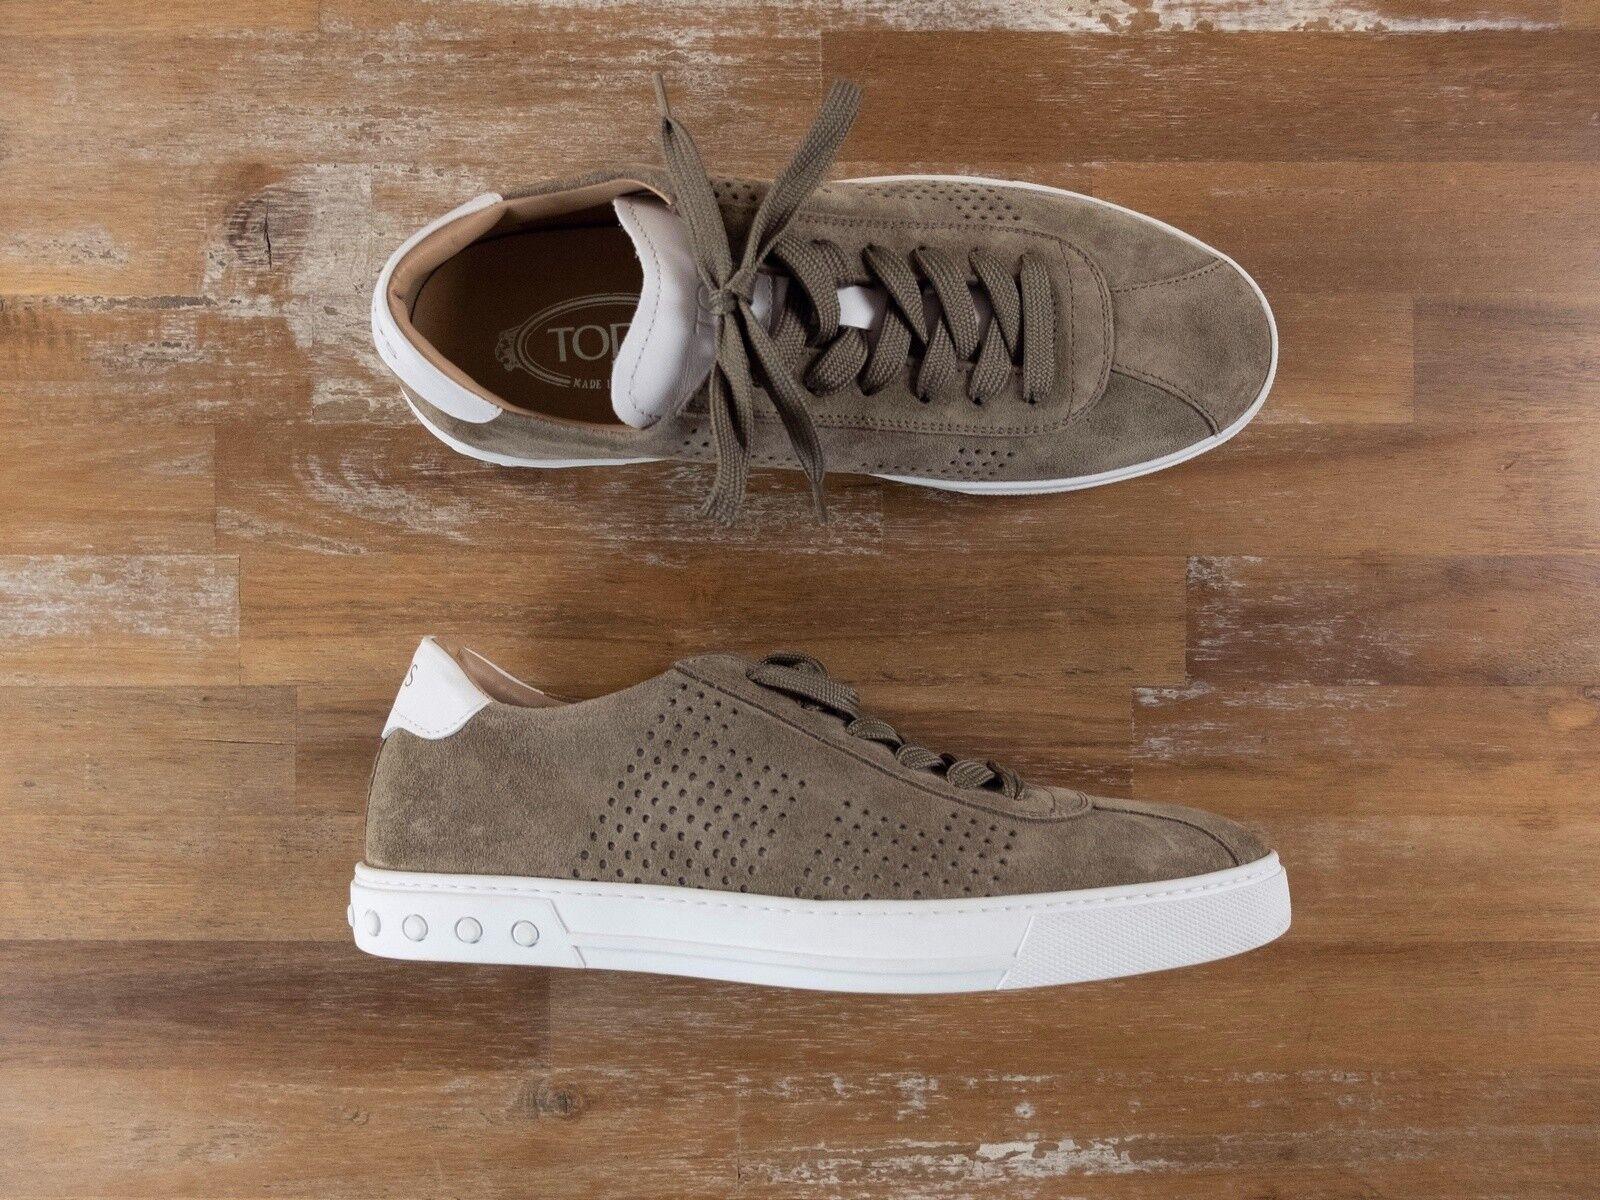 supporto al dettaglio all'ingrosso TOD'S low top beige beige beige suede scarpe da ginnastica authentic - Dimensione 8 US   41 EU   7 UK  forniamo il meglio